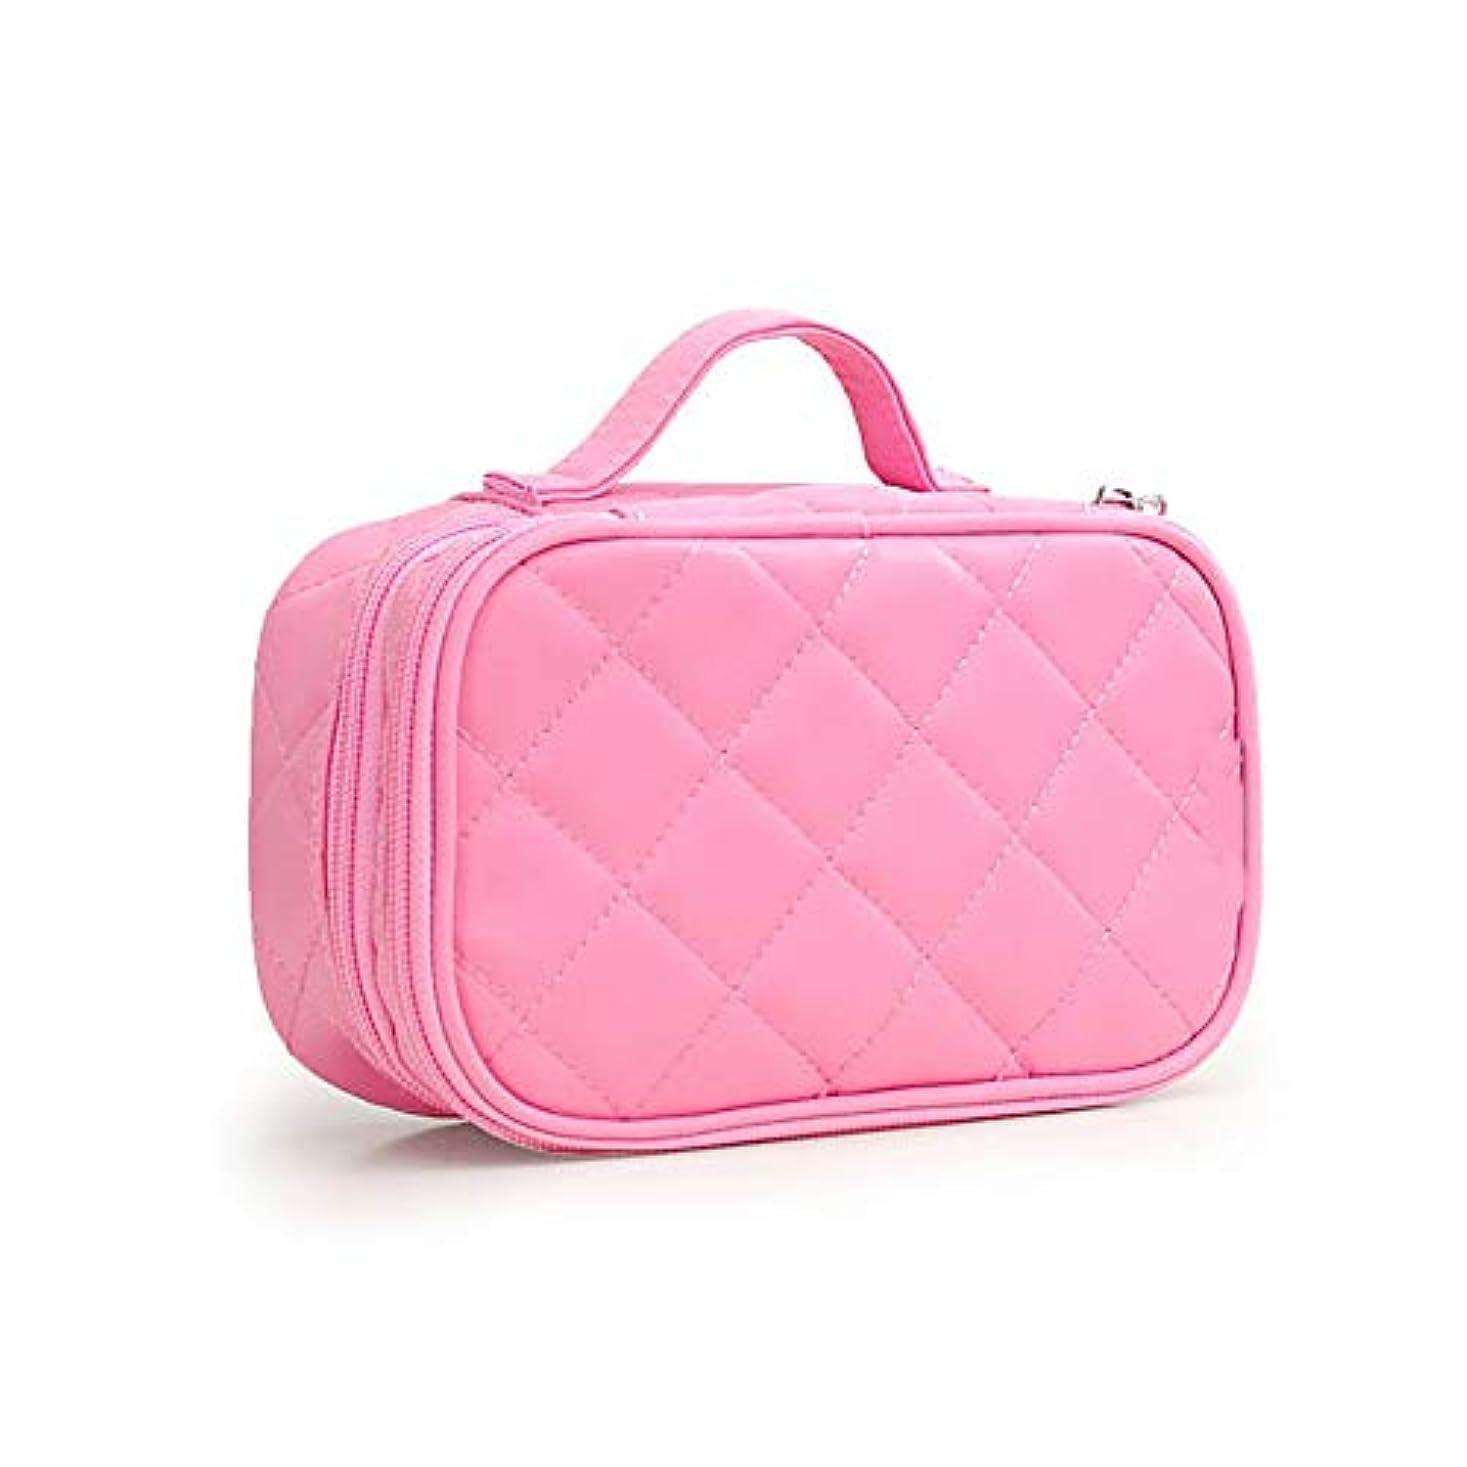 実行バリア洞察力のある化粧オーガナイザーバッグ 女性の化粧品バッグのポータブル韓国語バージョン創造的な ナイロン防水洗浄バッグ。 化粧品ケース (色 : ピンク)